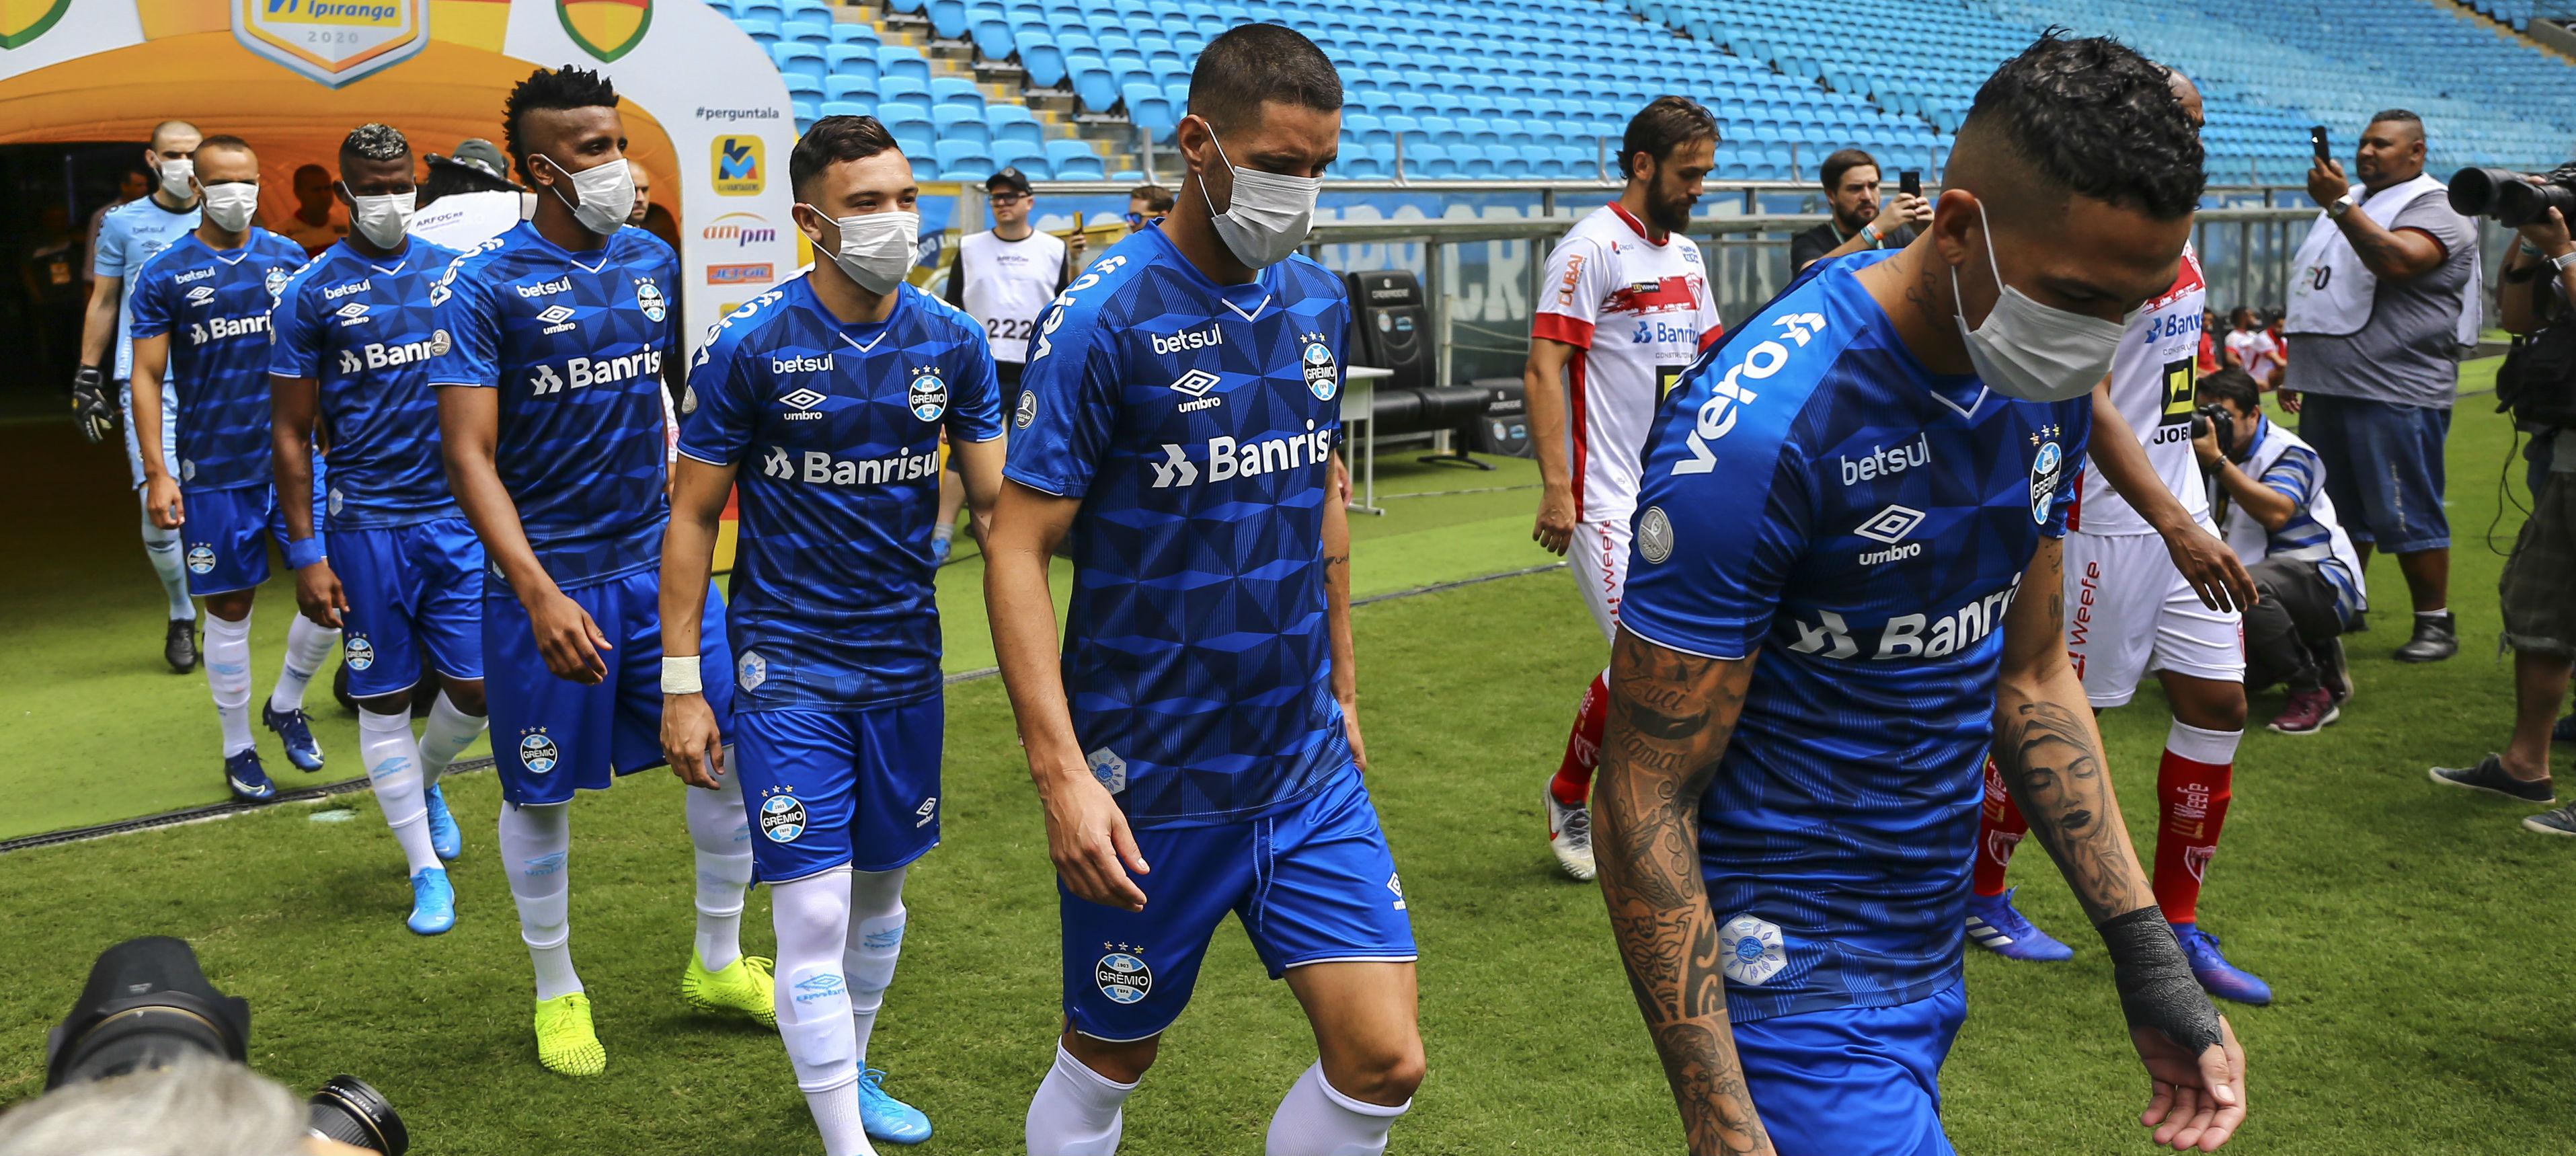 """Coronavirus, Gremio in campo con le mascherine: """"Non ci tutelano ..."""